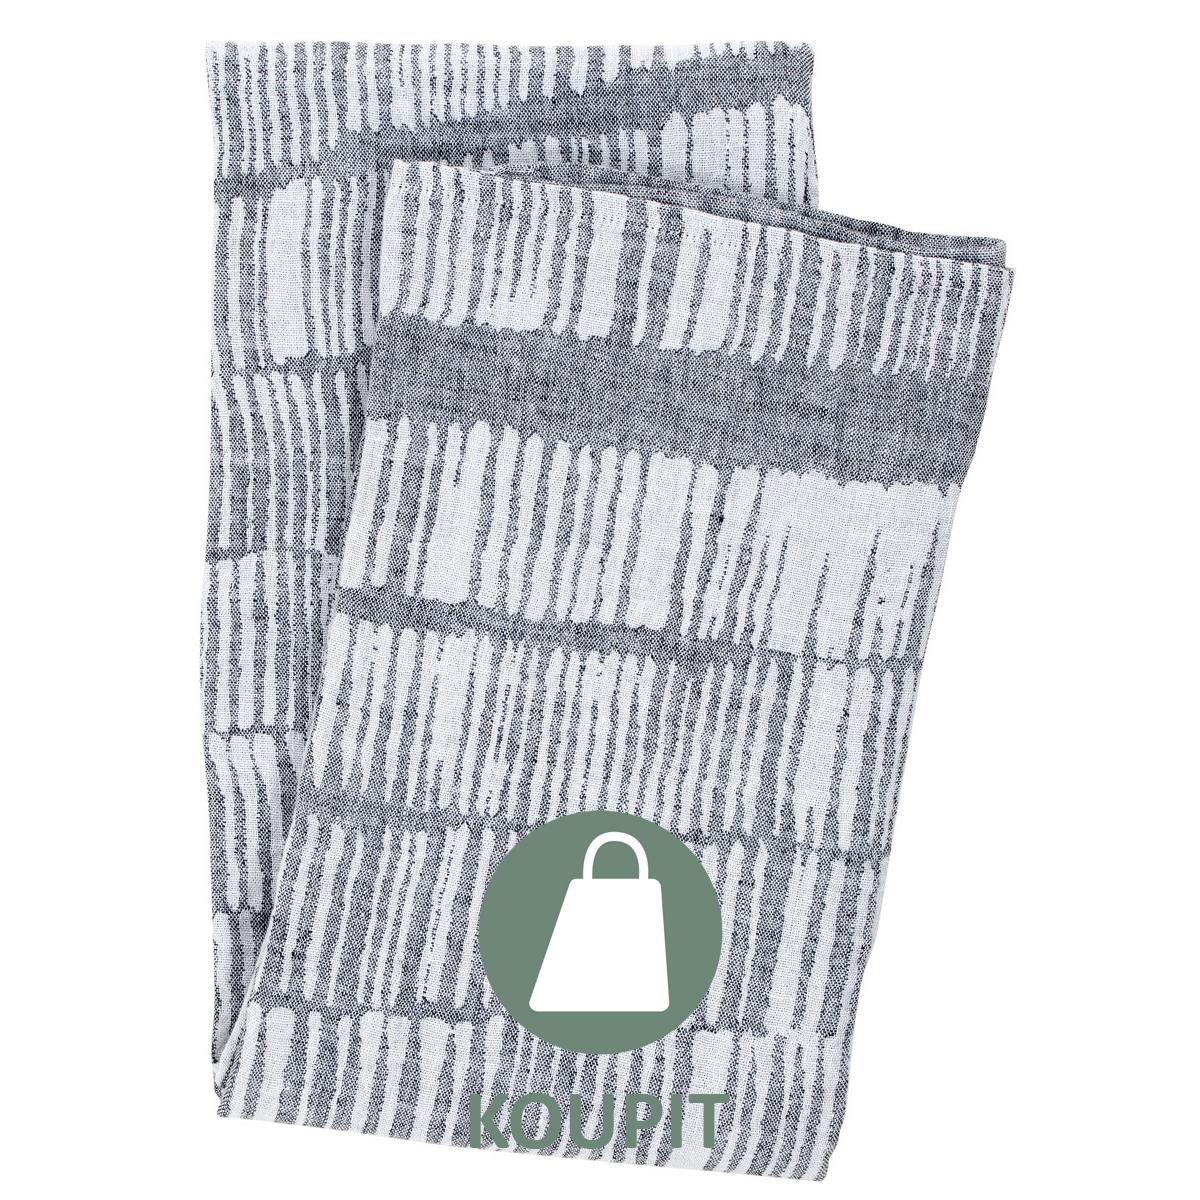 letni-textil-lapuan-kankurit-produkt7